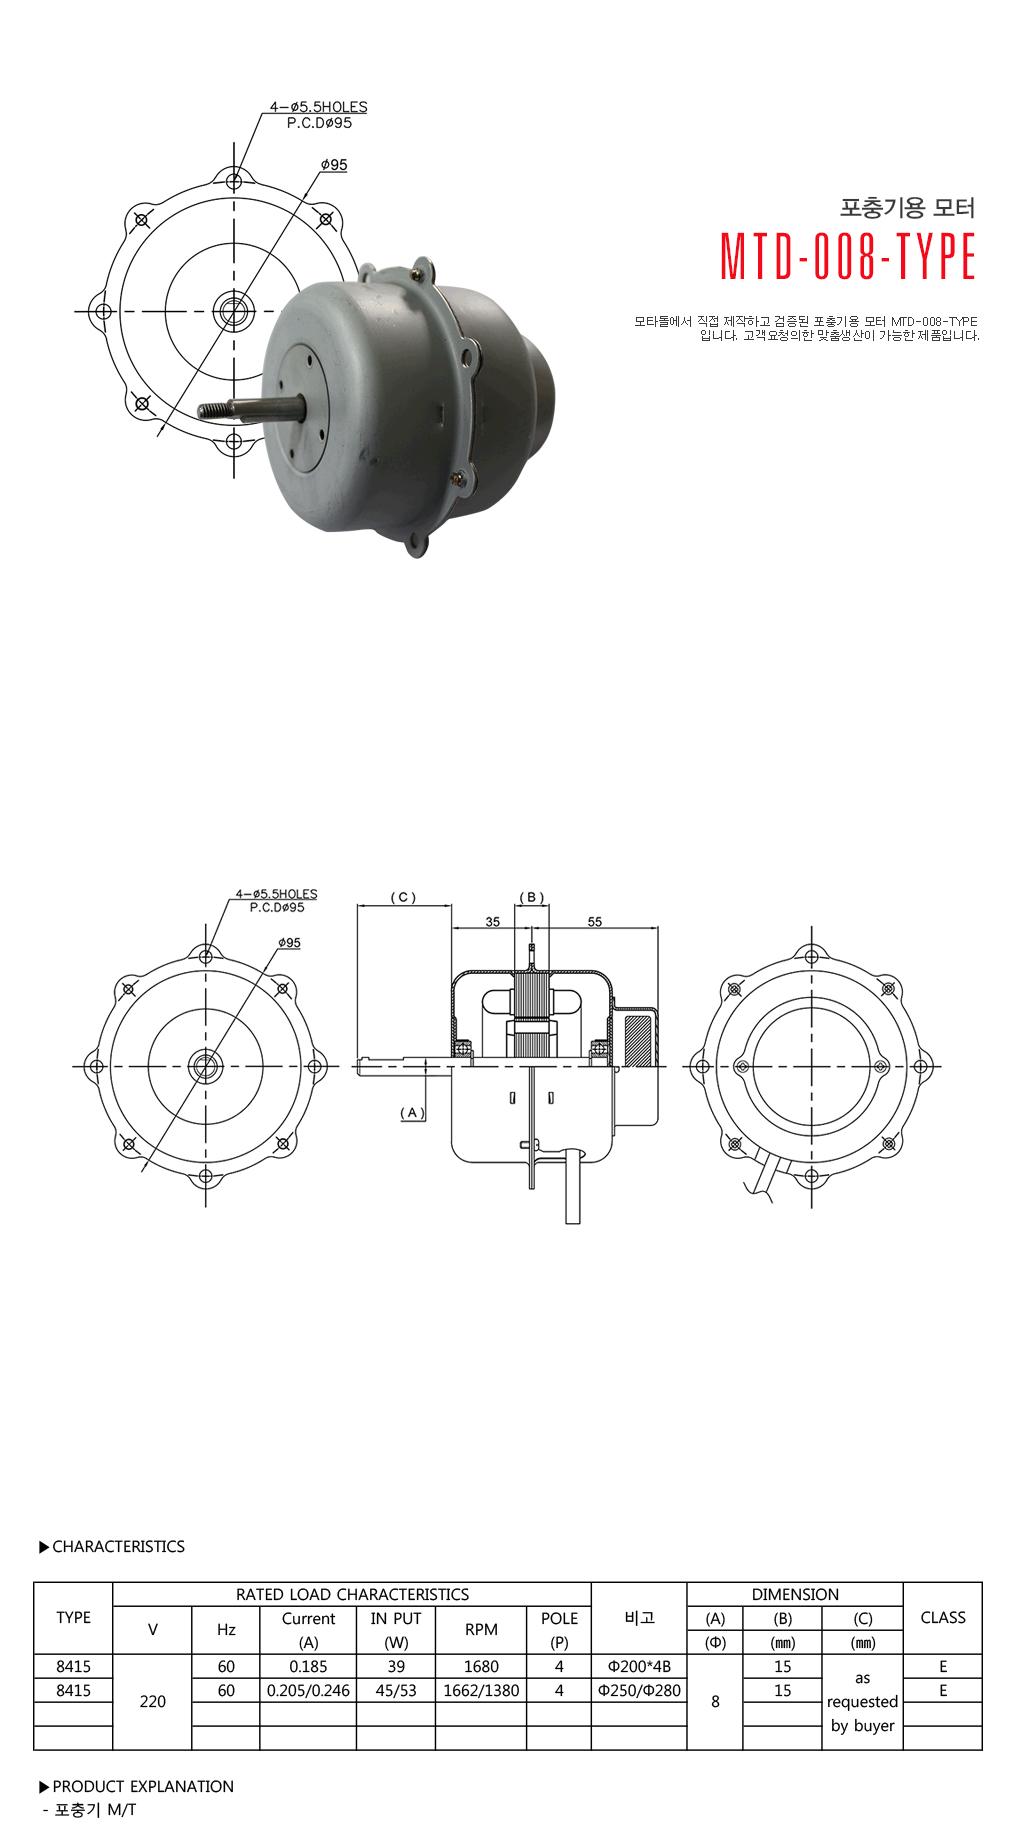 모타돌 포충기용 모터 MTD-008 Type